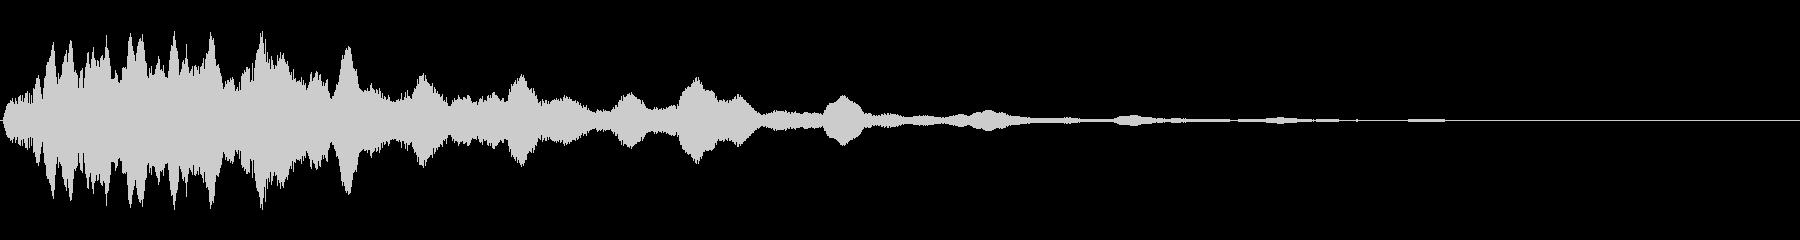 トロピカルIDロゴ1の未再生の波形